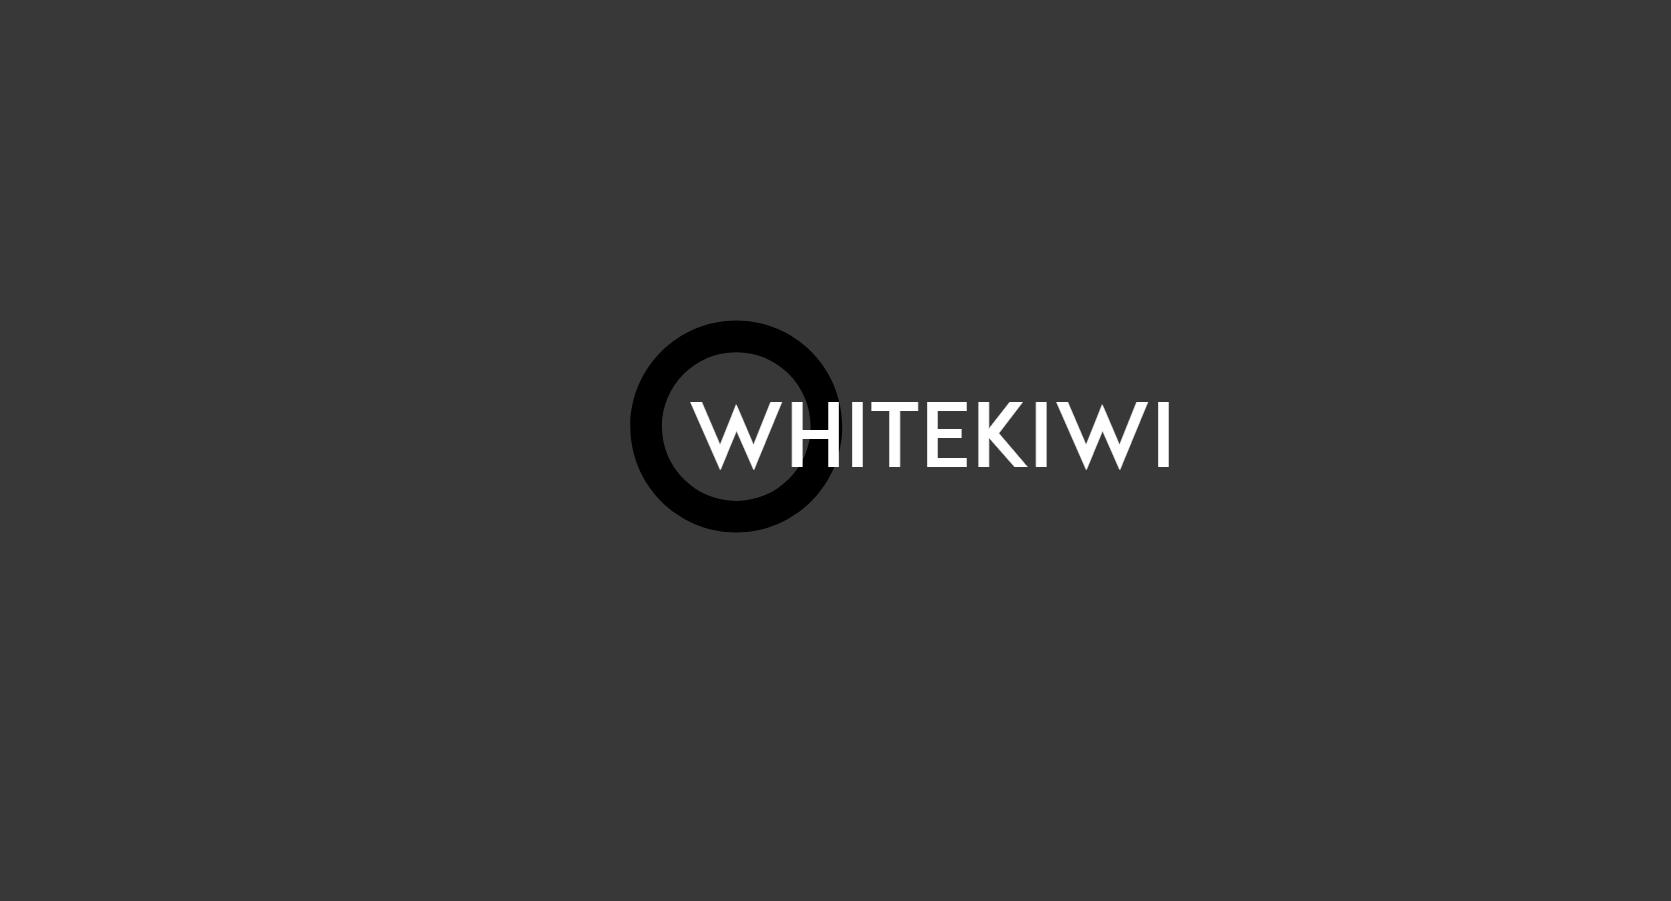 WhiteKiwi